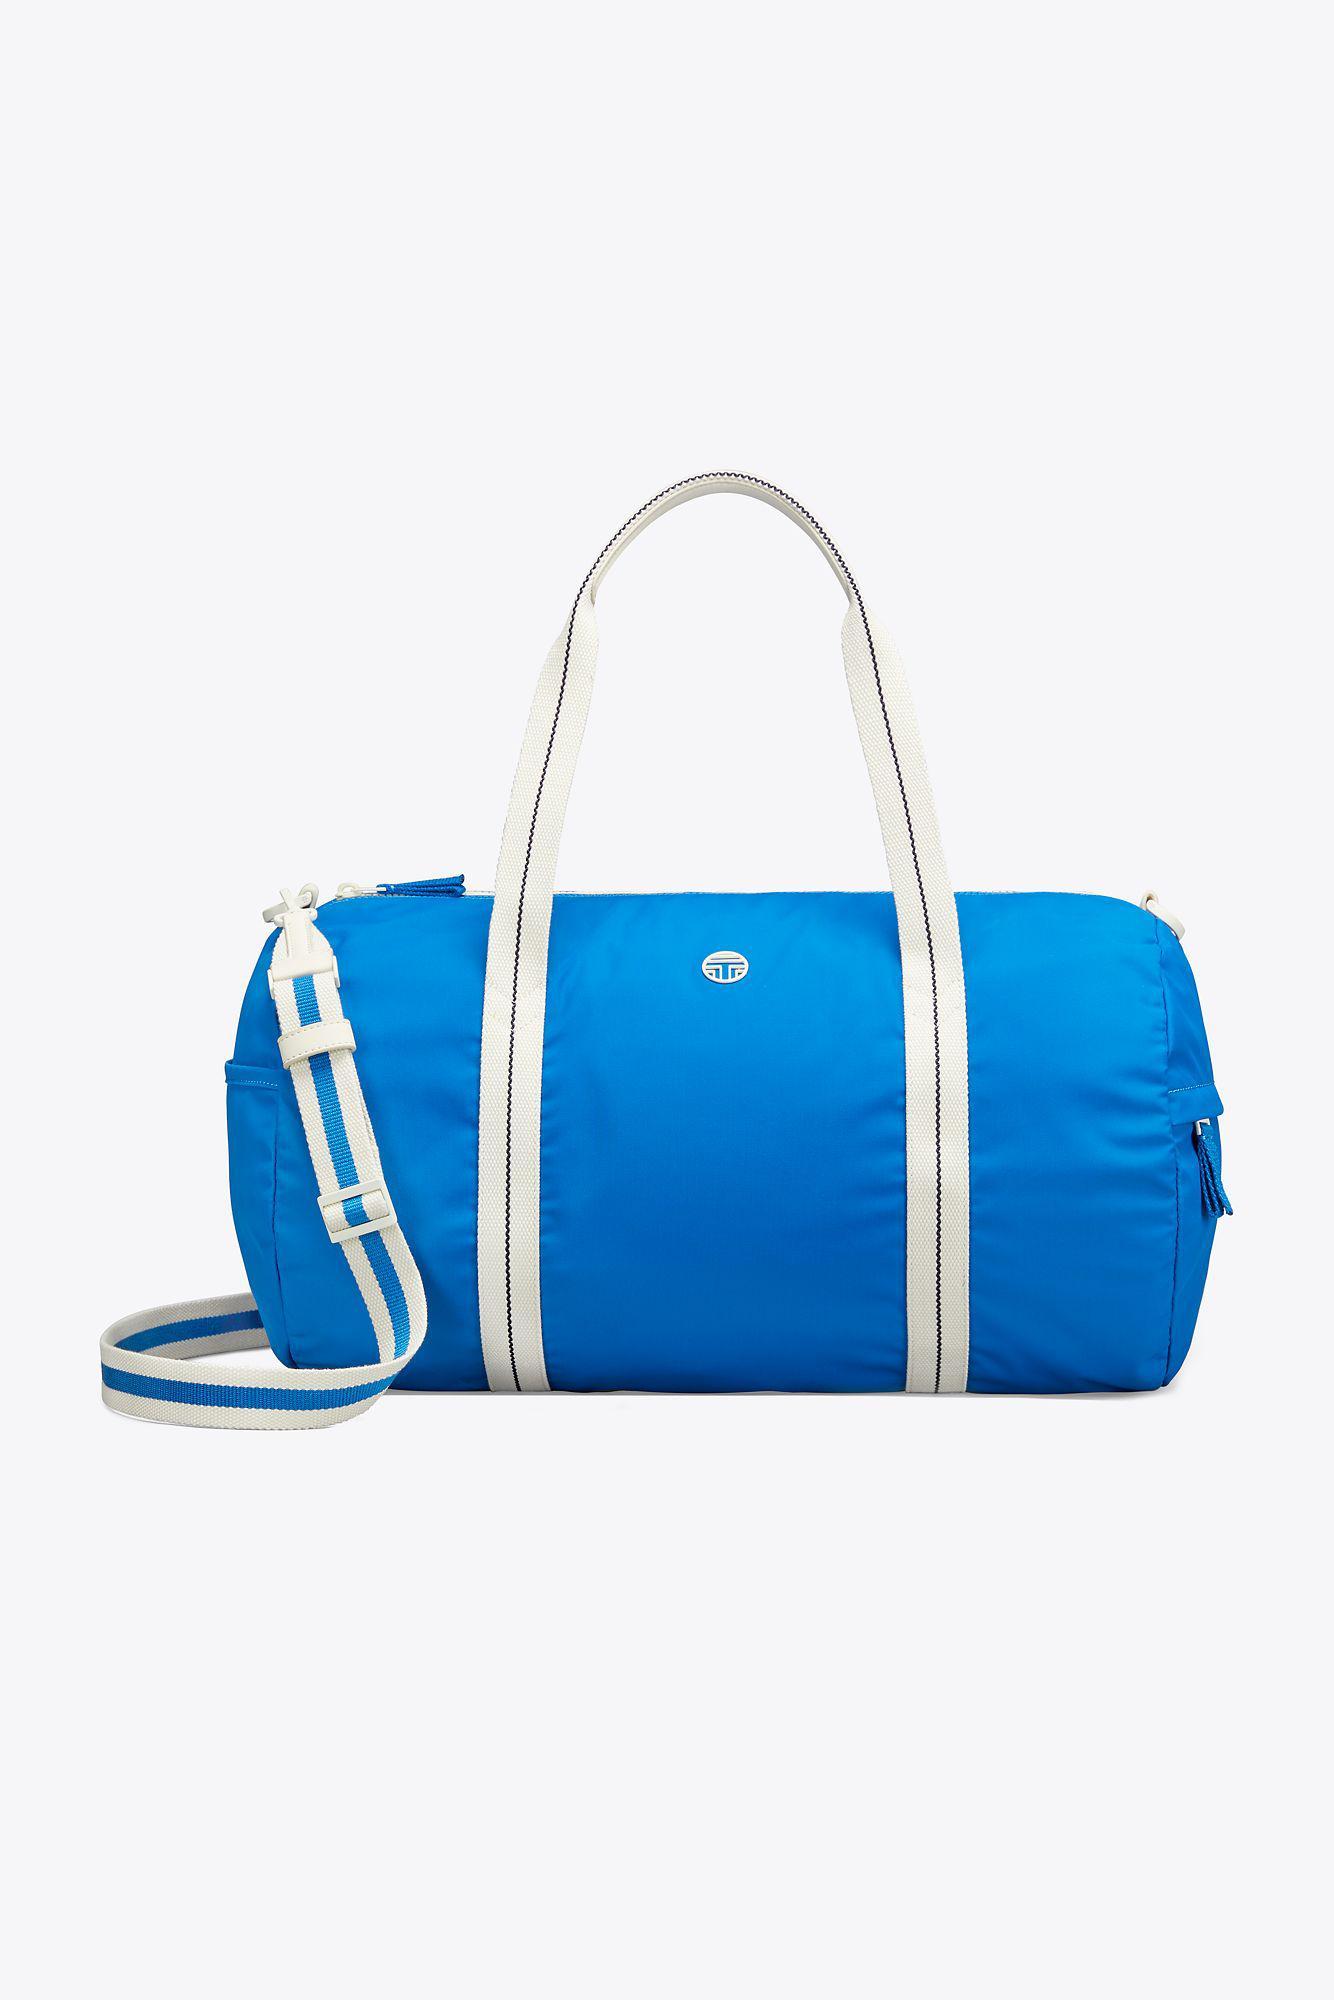 Tory Burch Women S Blue Duffle Bag